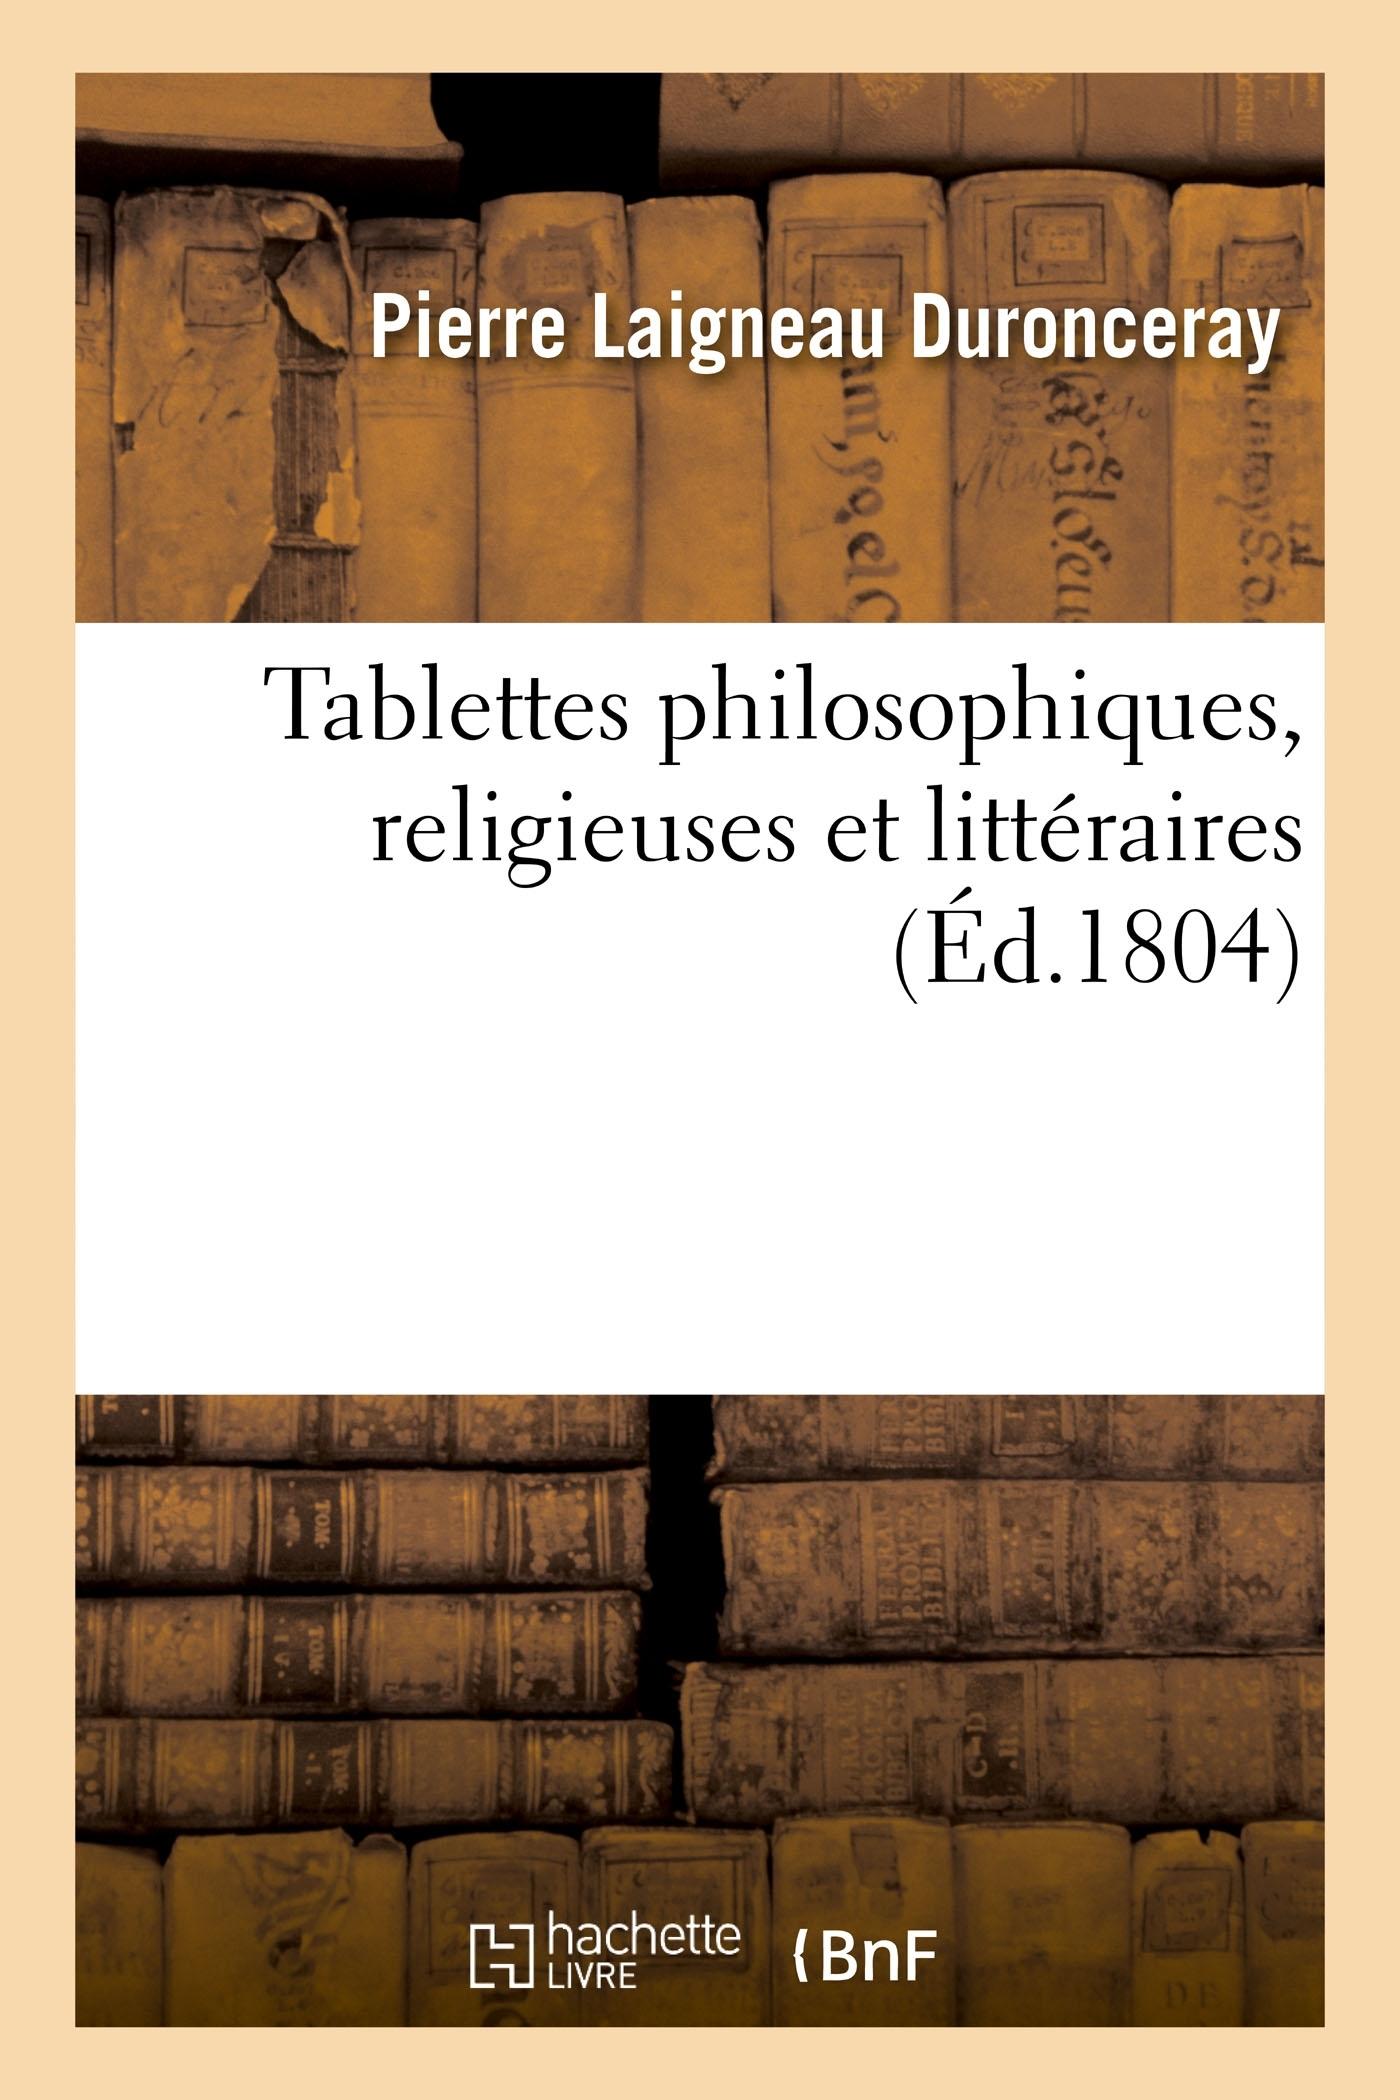 TABLETTES PHILOSOPHIQUES, RELIGIEUSES ET LITTERAIRES